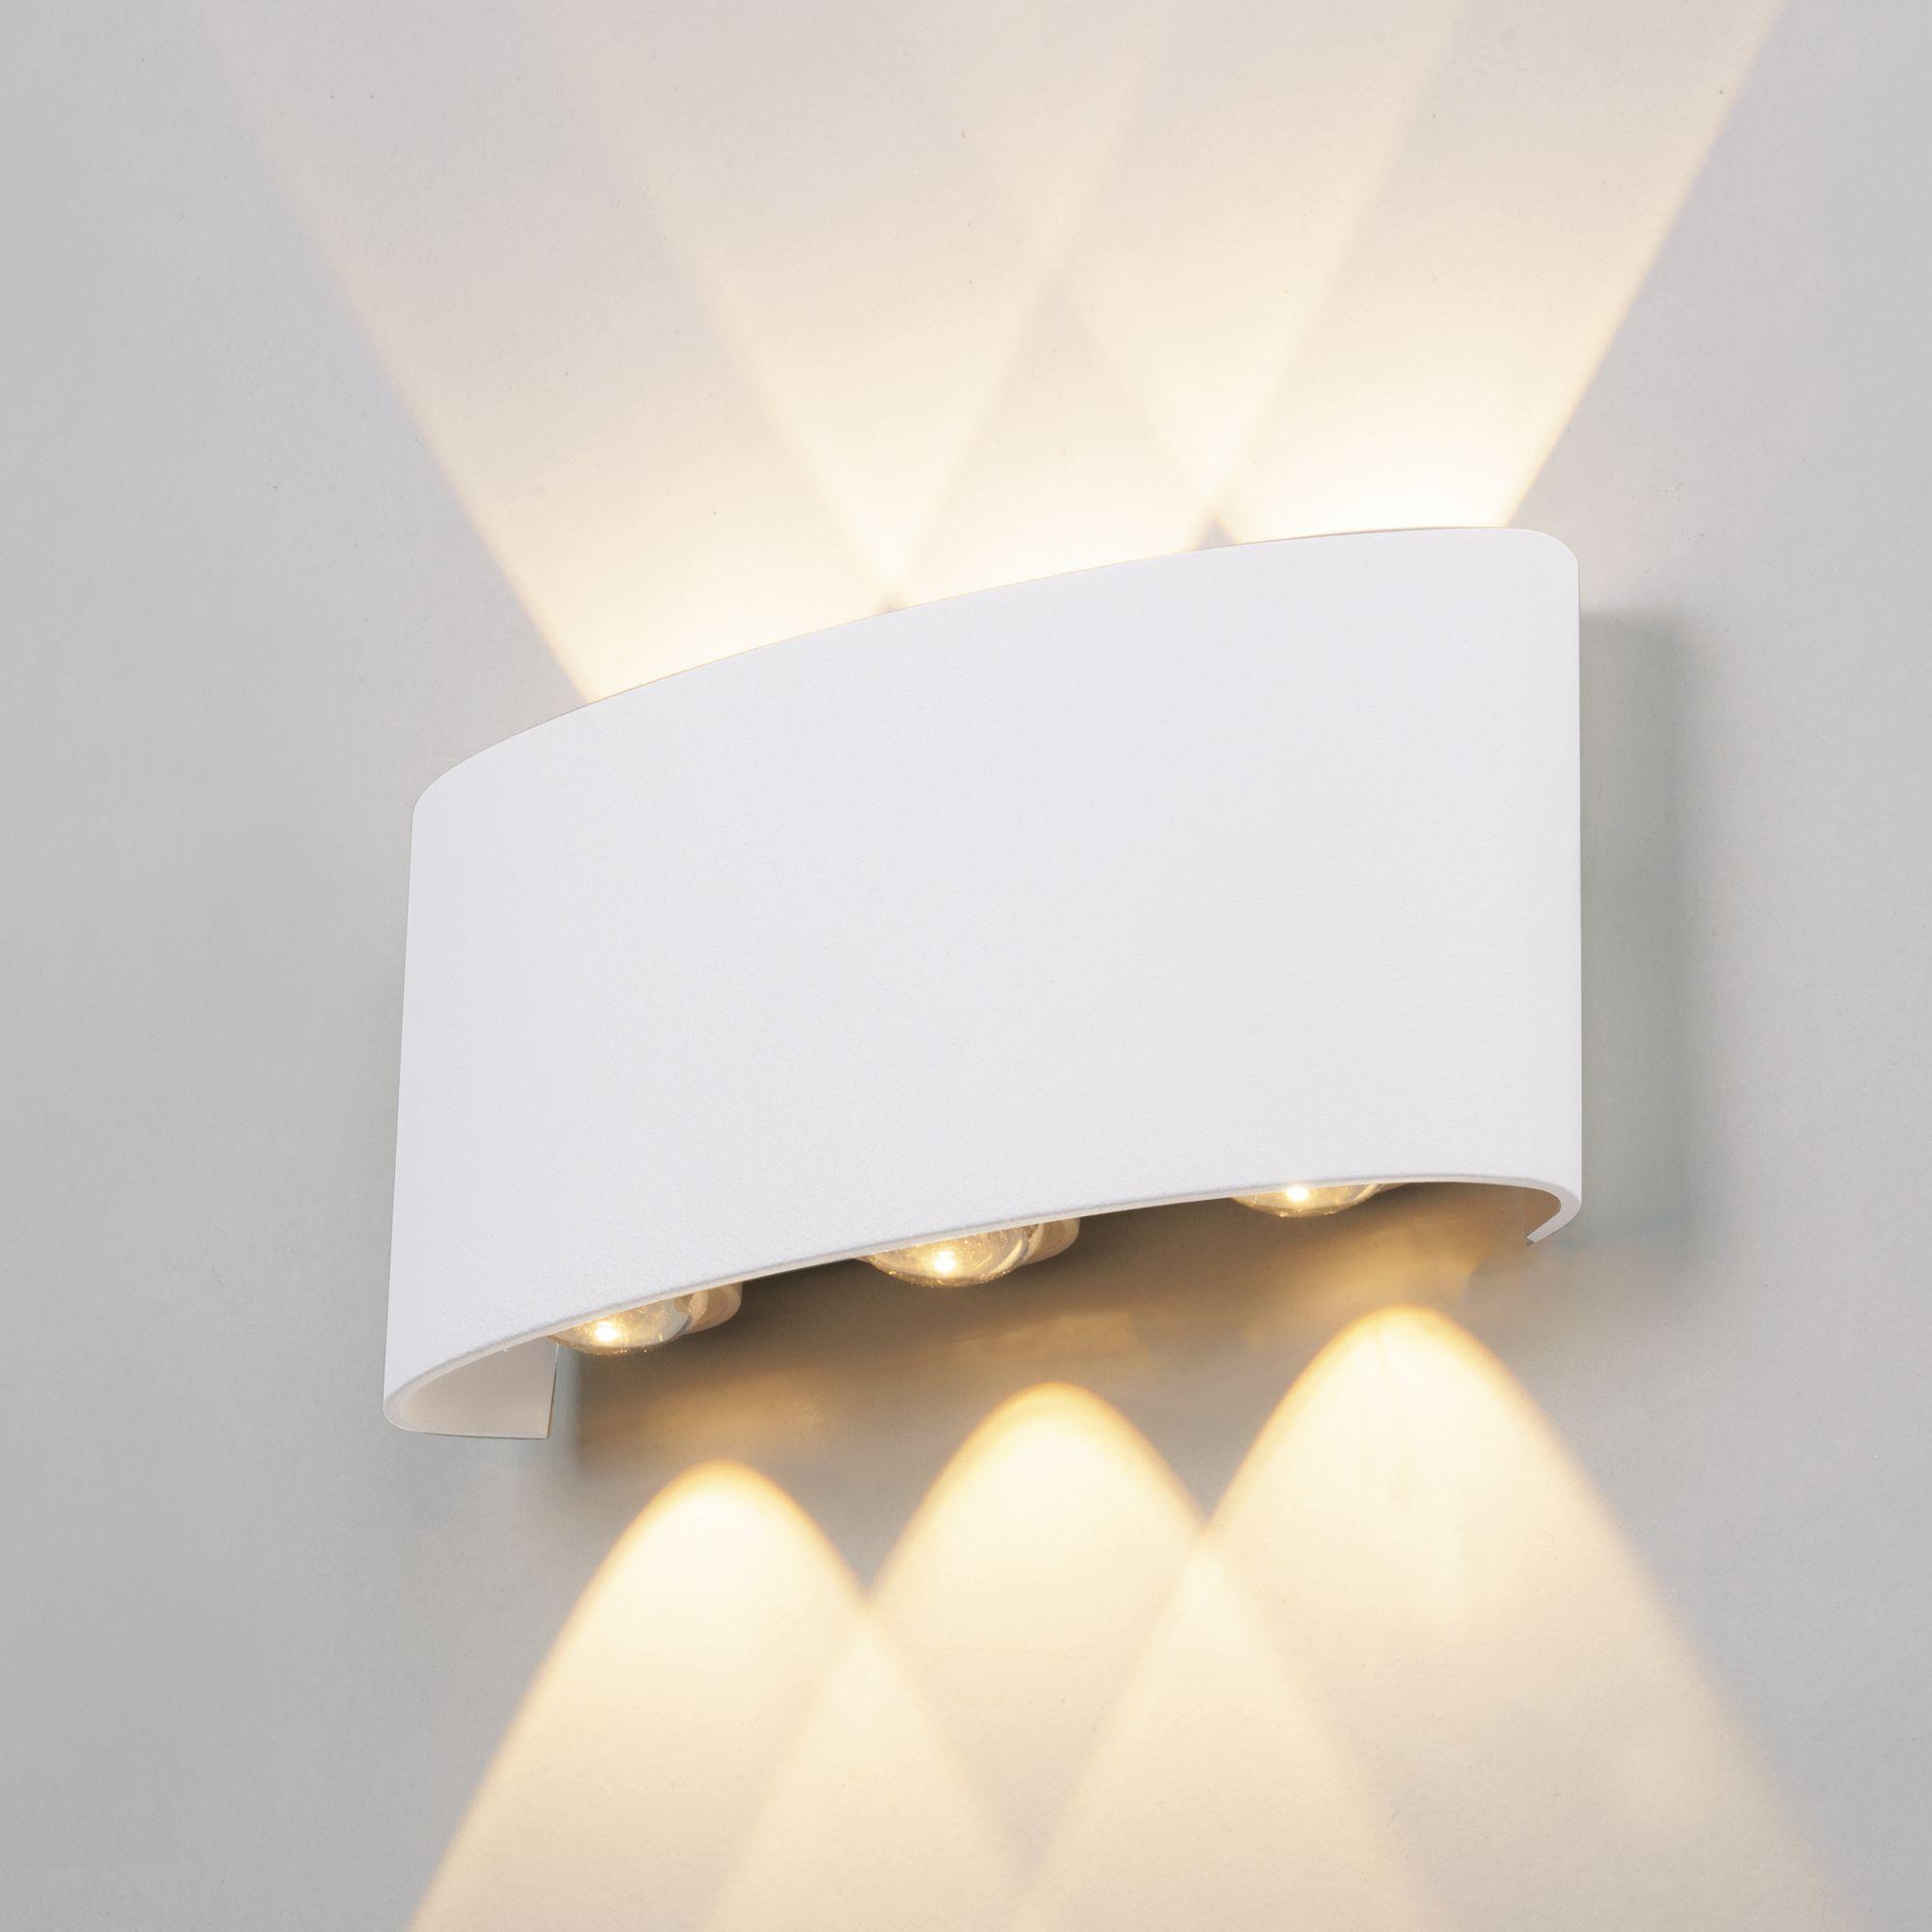 Пылевлагозащи<wbr>щенный светодиодный светильник Twinky Trio белый IP54 1551 Techno LED белый